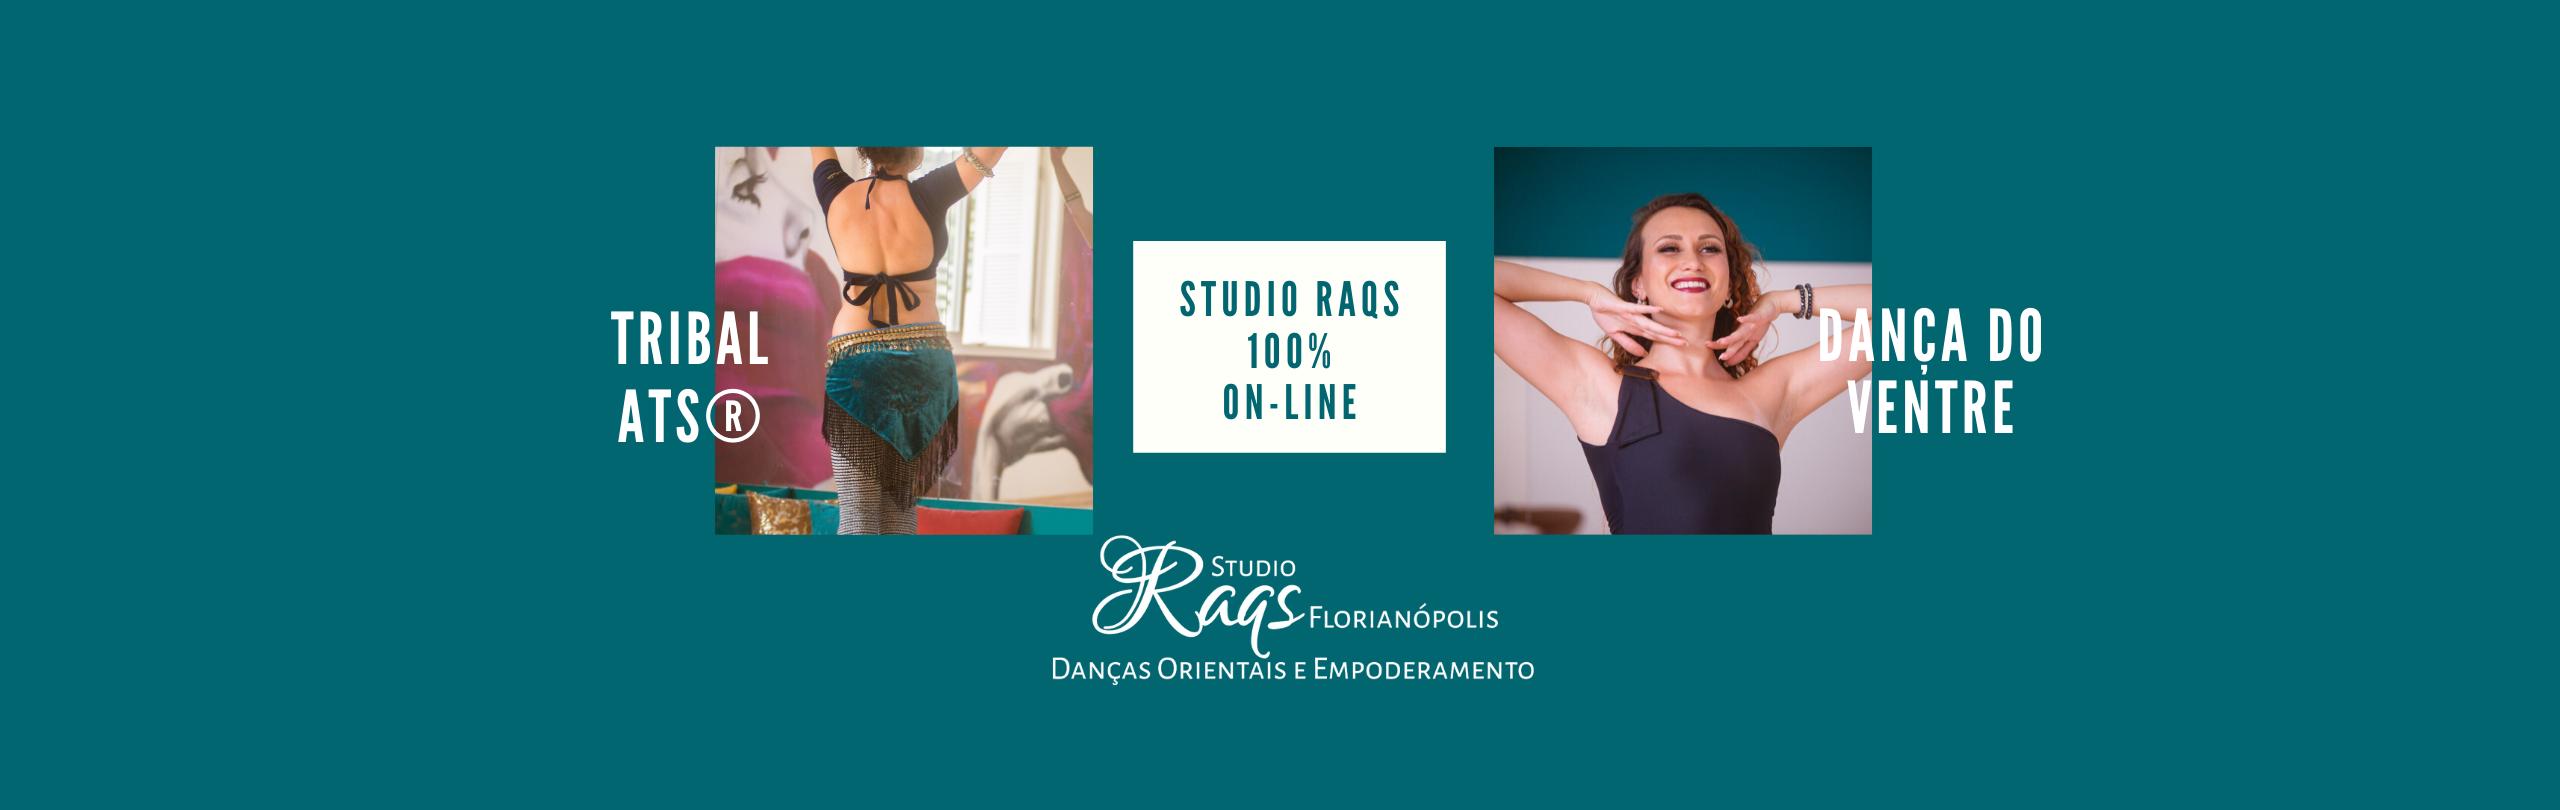 Studio Raqs Florianópolis